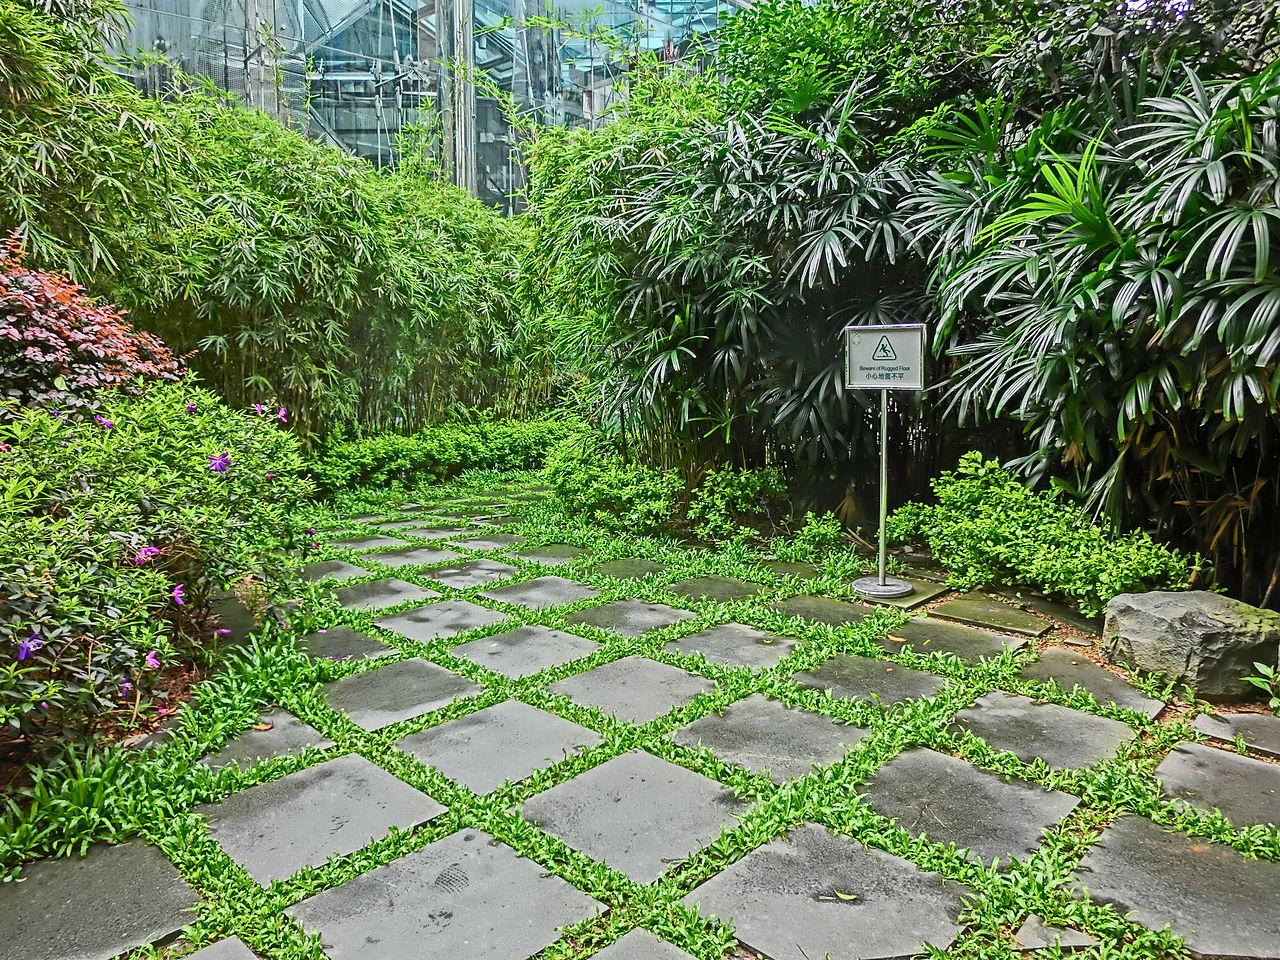 File:HK Central The Center Garden 01 Tiles Flooring May 2013.JPG